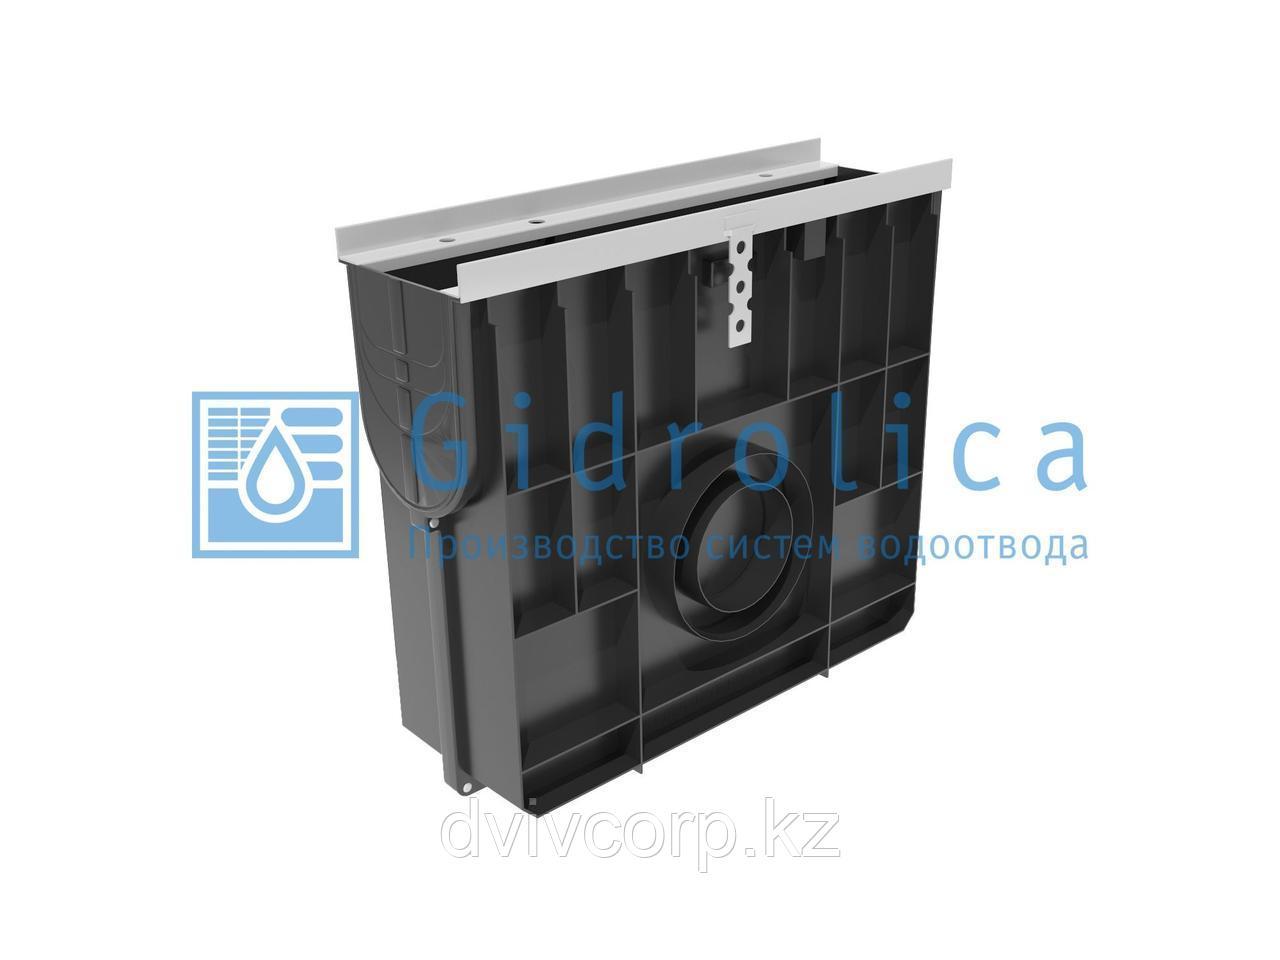 Арт. 0808 Пескоуловитель Gidrolica Super, DN100, E600